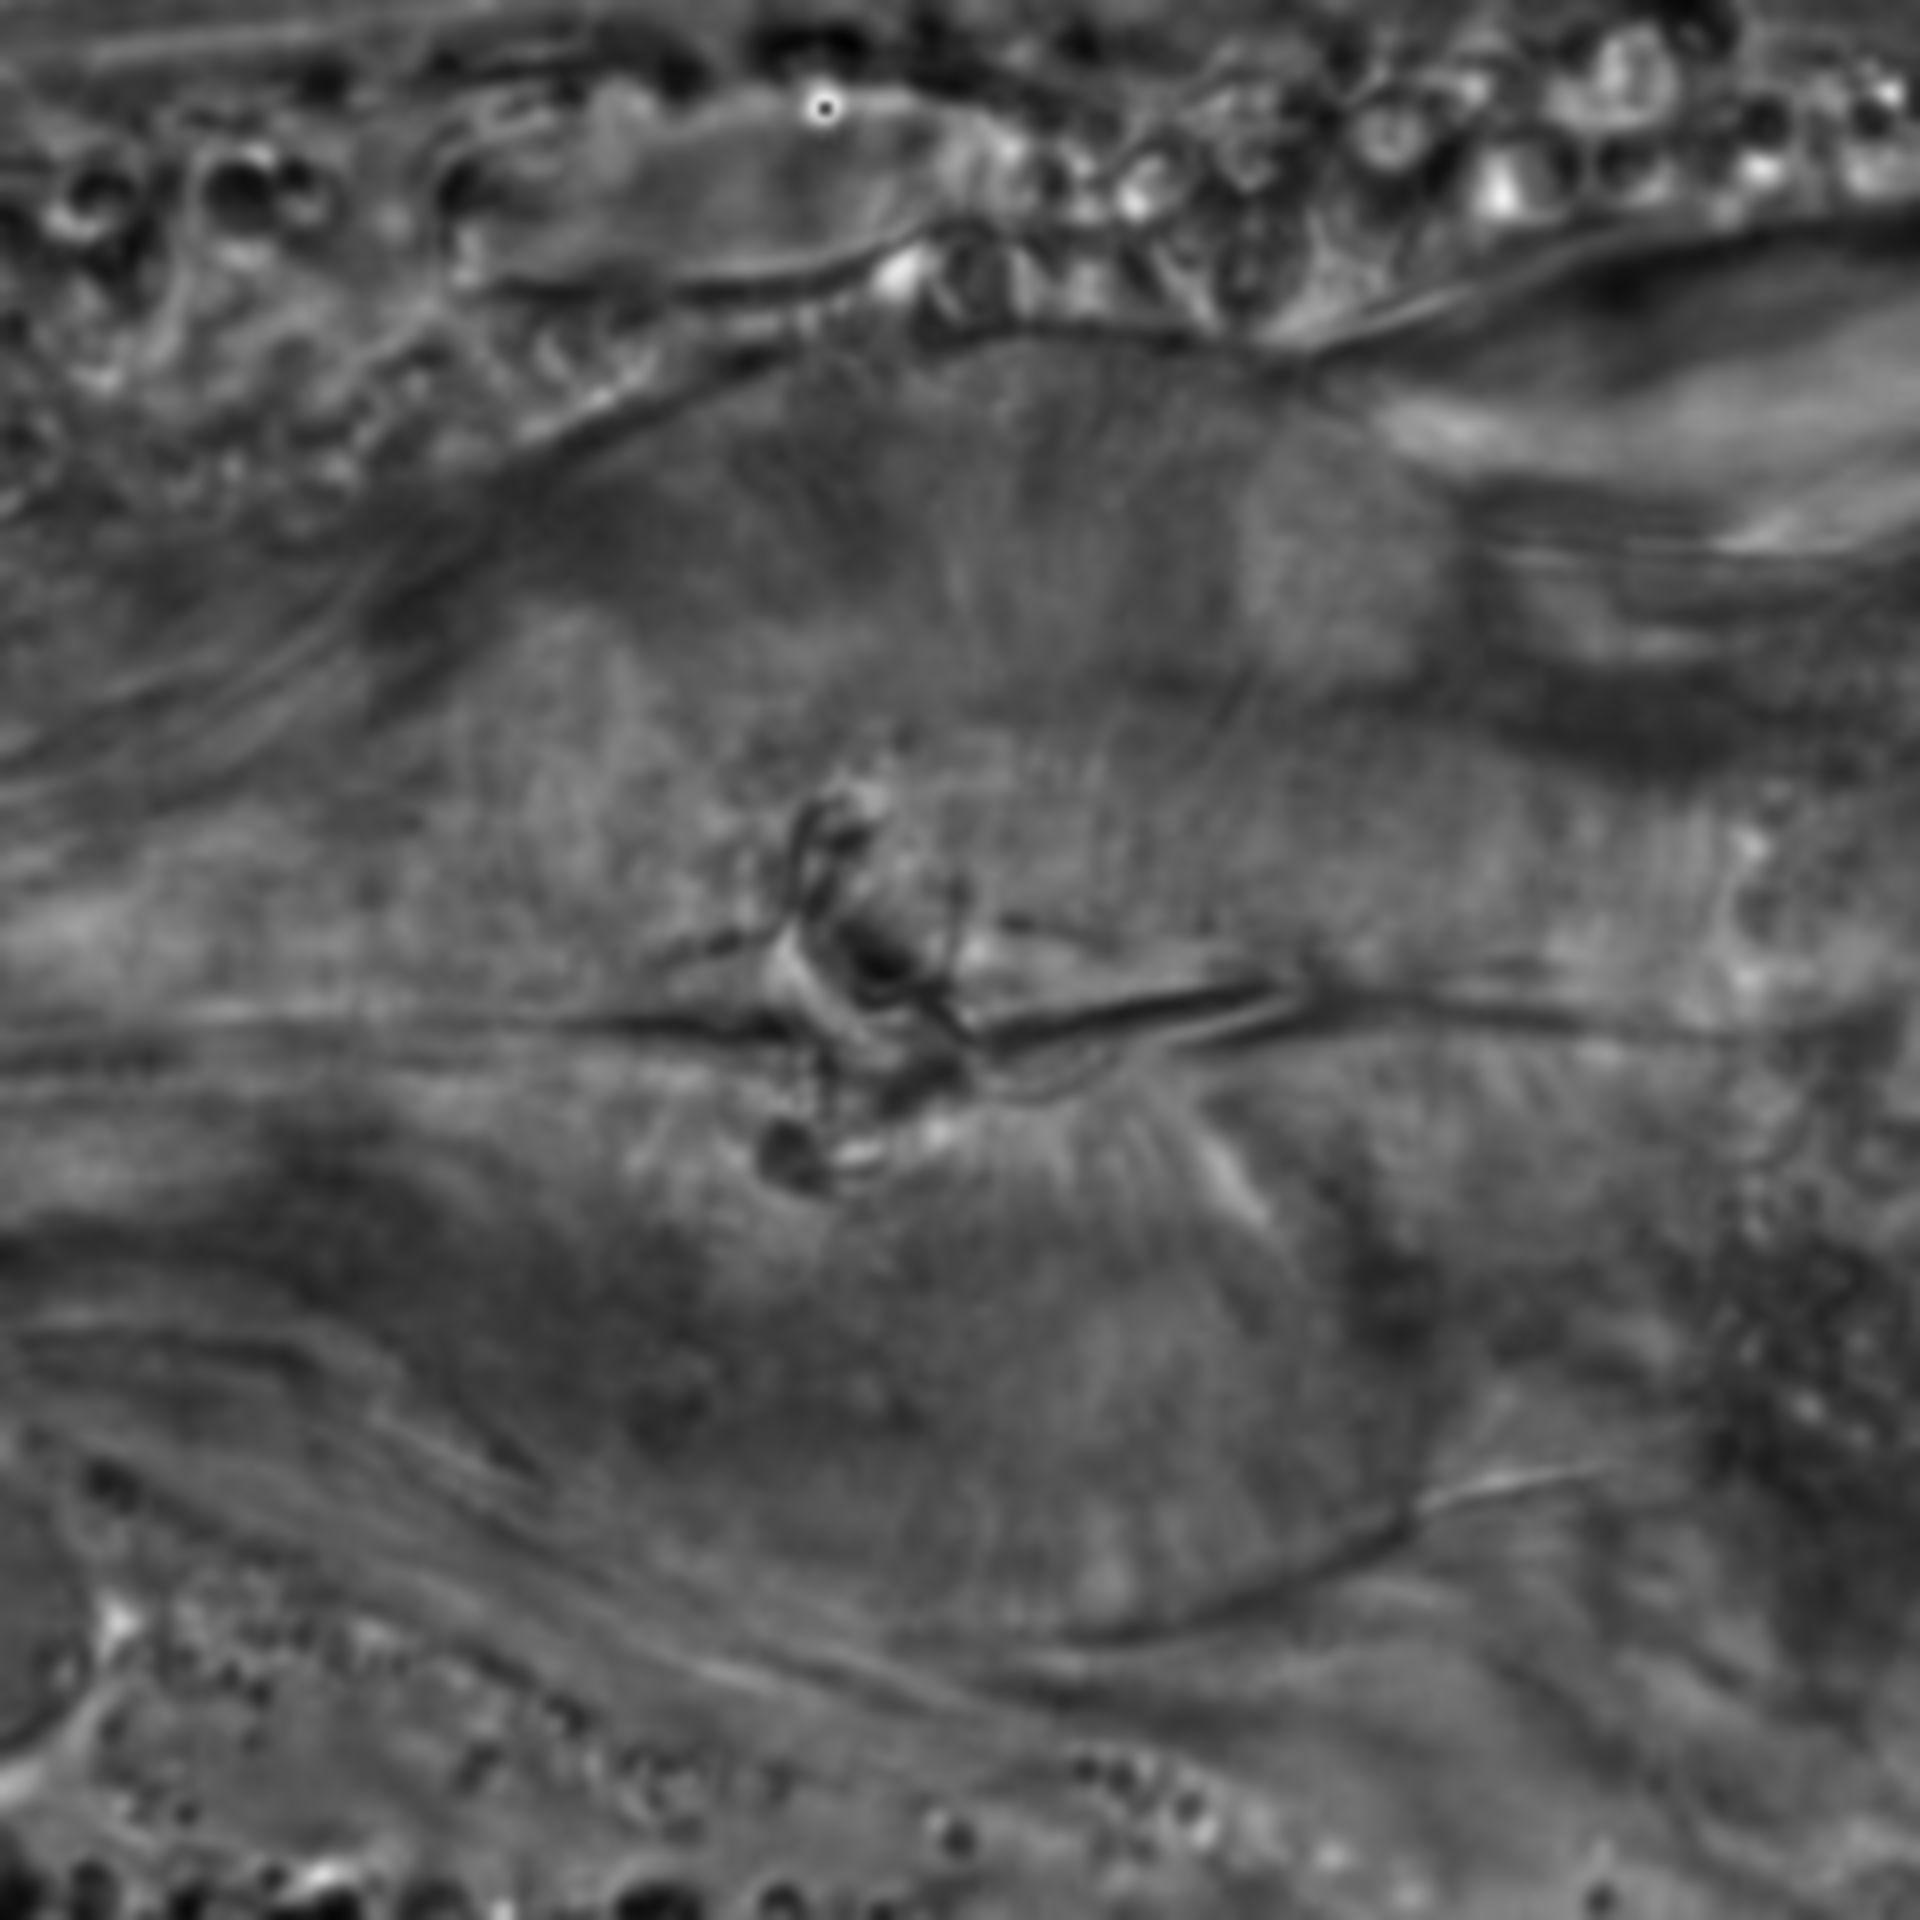 Caenorhabditis elegans - CIL:1788